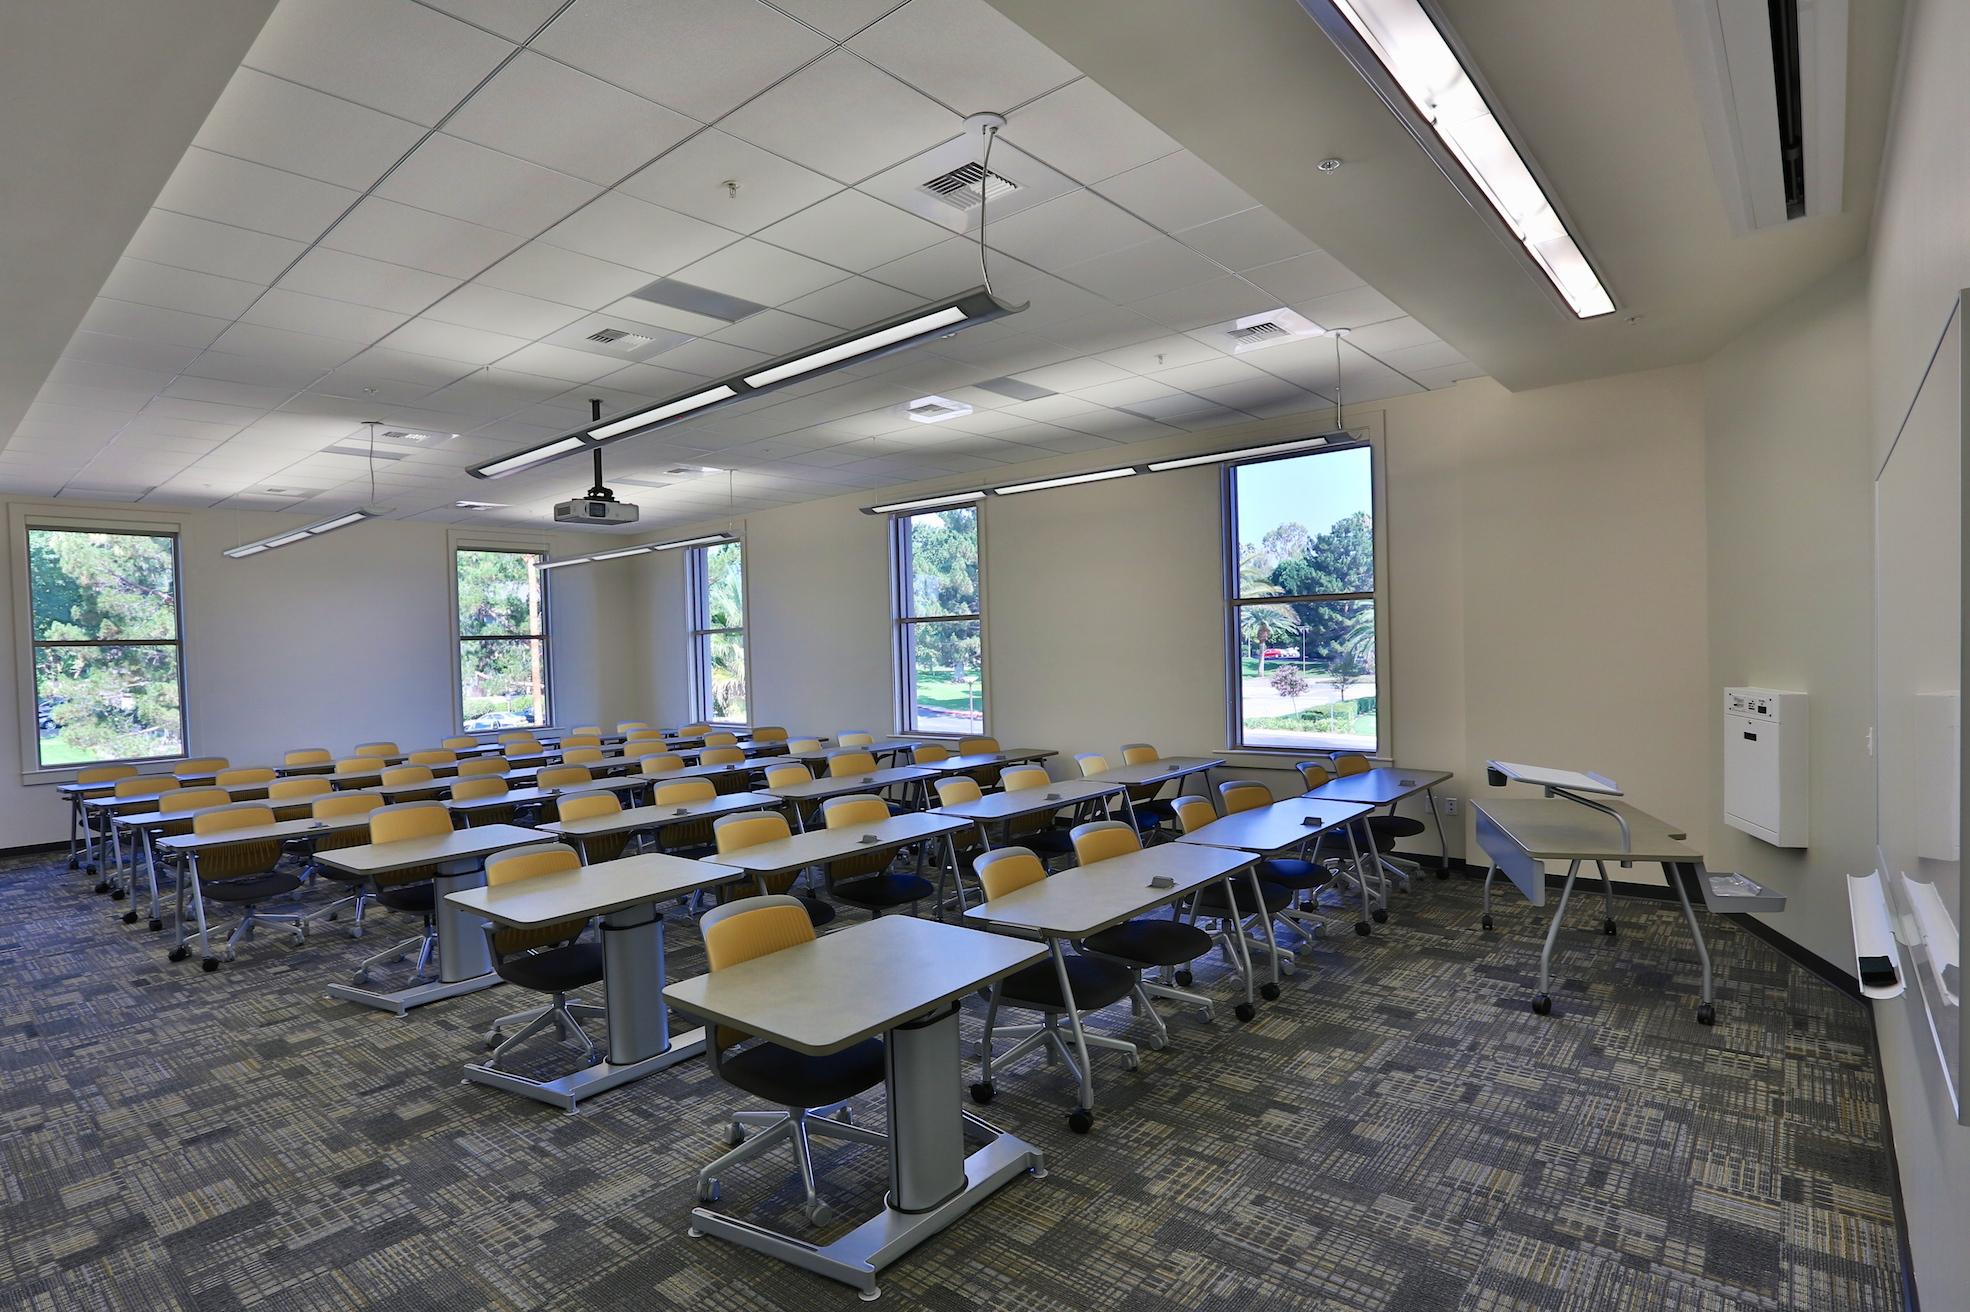 classroom - HD1970×1312